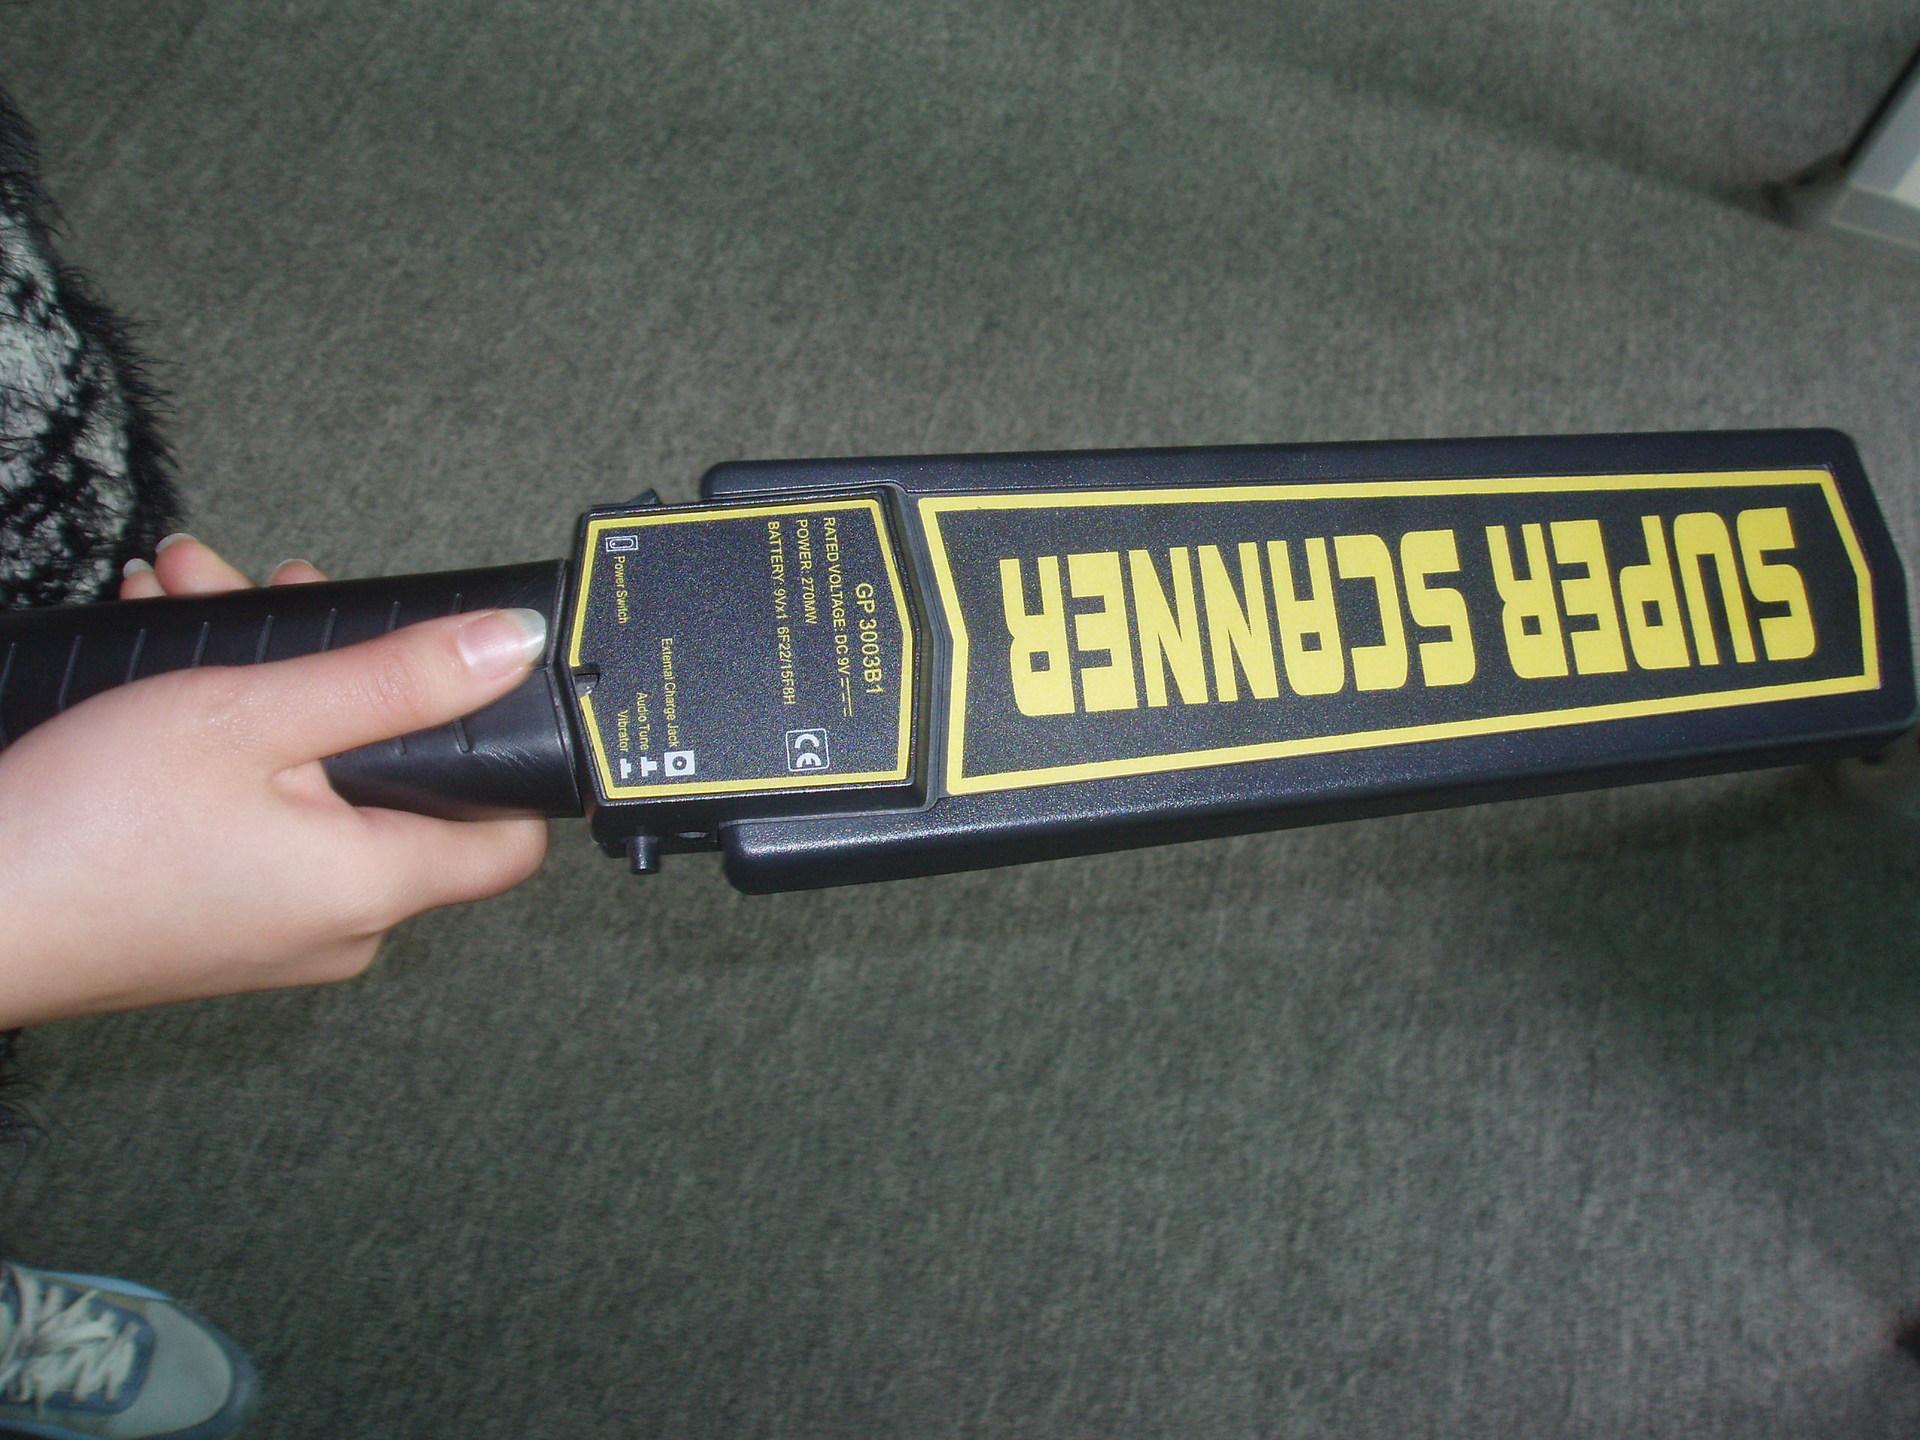 GP3003B1手持金属探测器